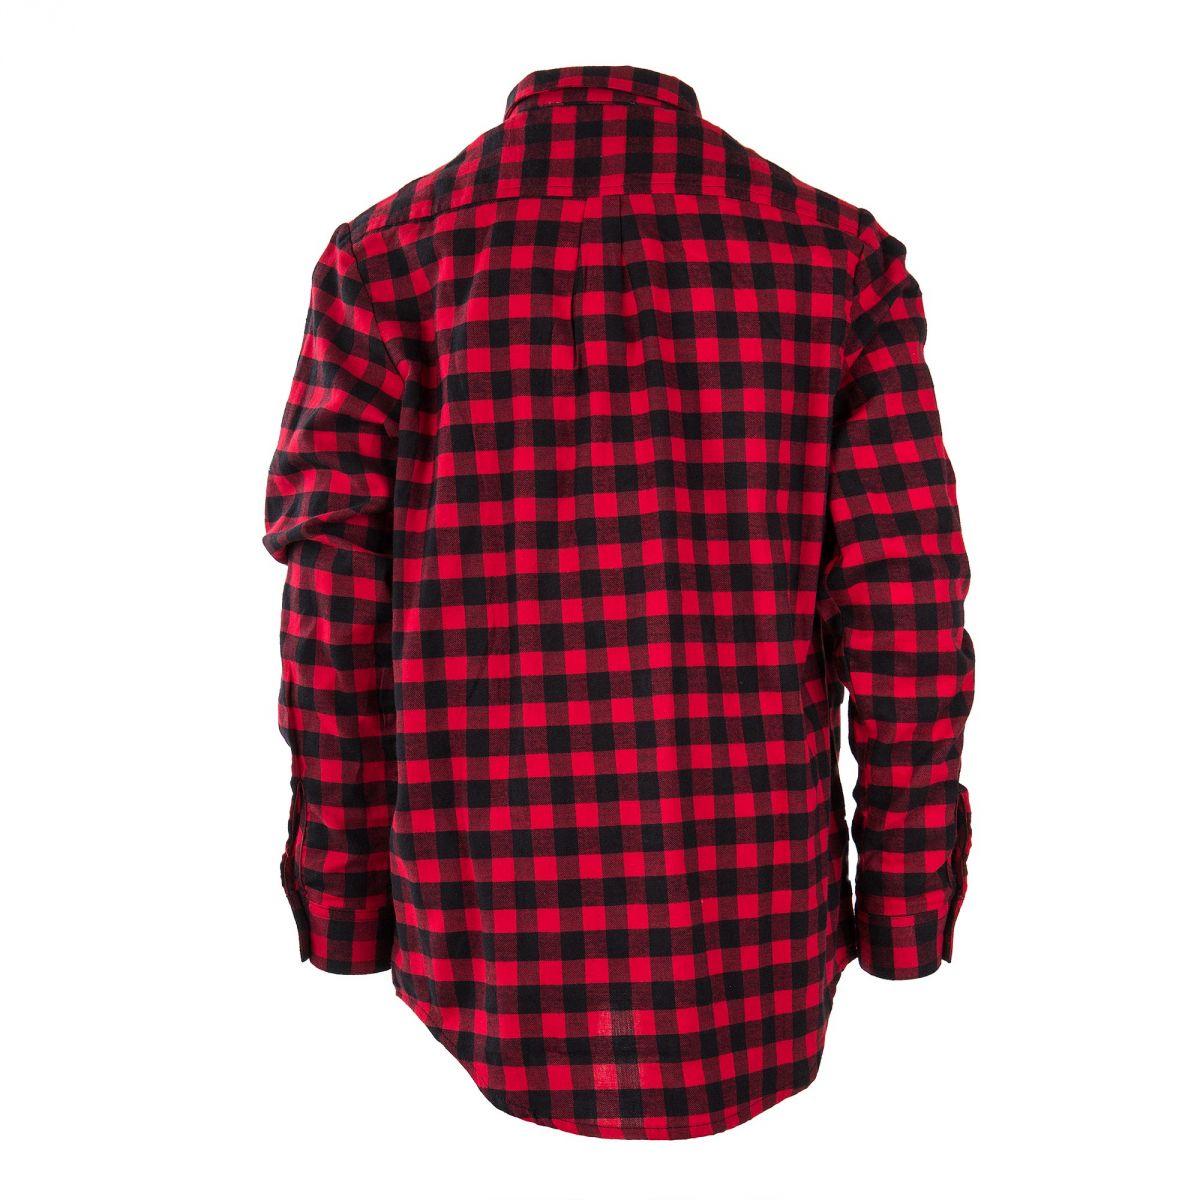 Chemise carreaux rouge et noire gar on best mountain prix for Veste a carreaux rouge et noir